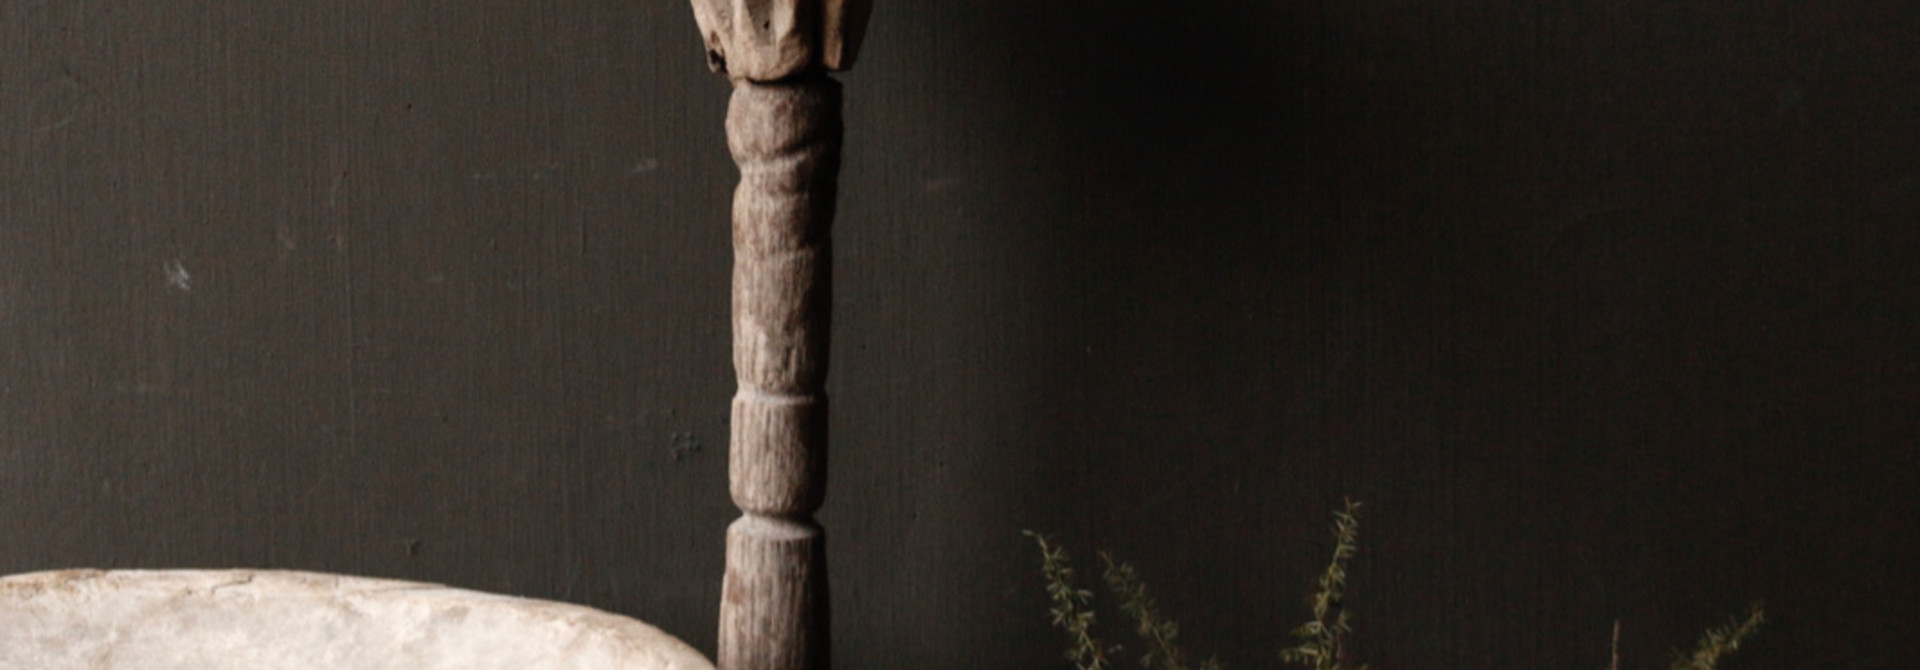 Alte hölzerne nepalesische Stampfe auf Eisenunterseite